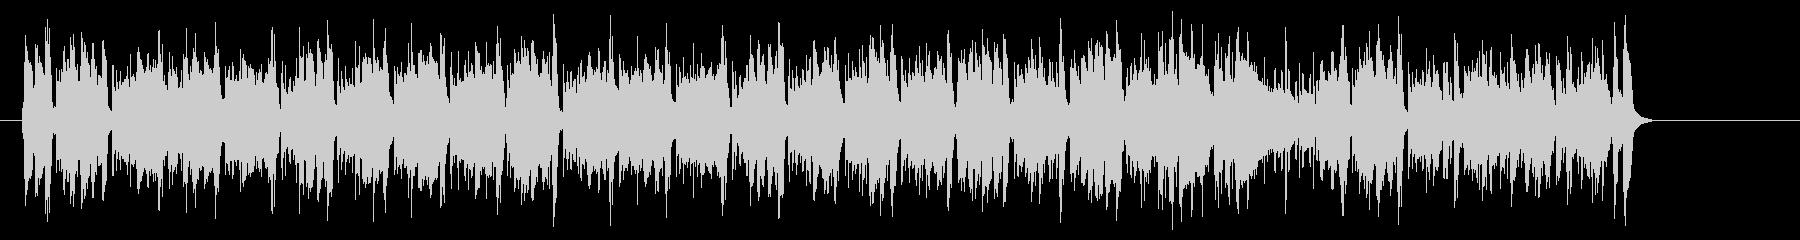 シャッフルのアコースティックポップスの未再生の波形